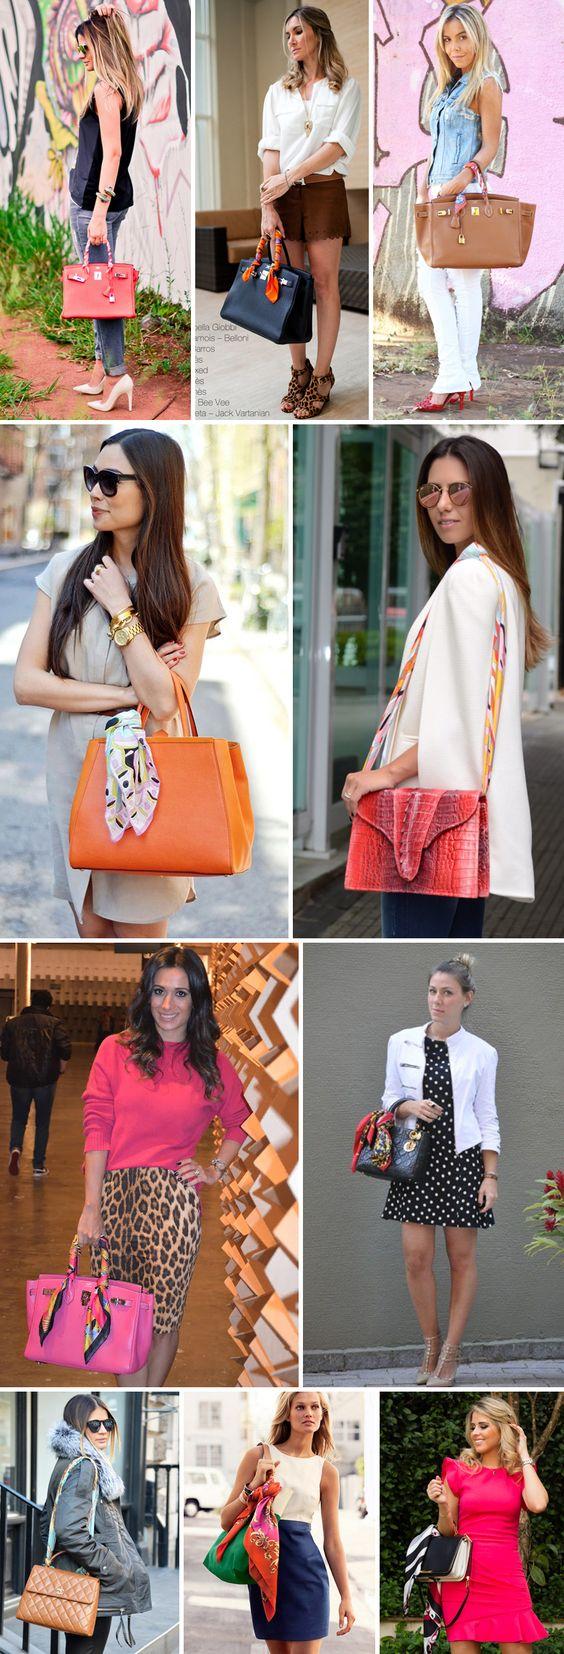 truque se styling: looks com amarração de lenço na bolsa